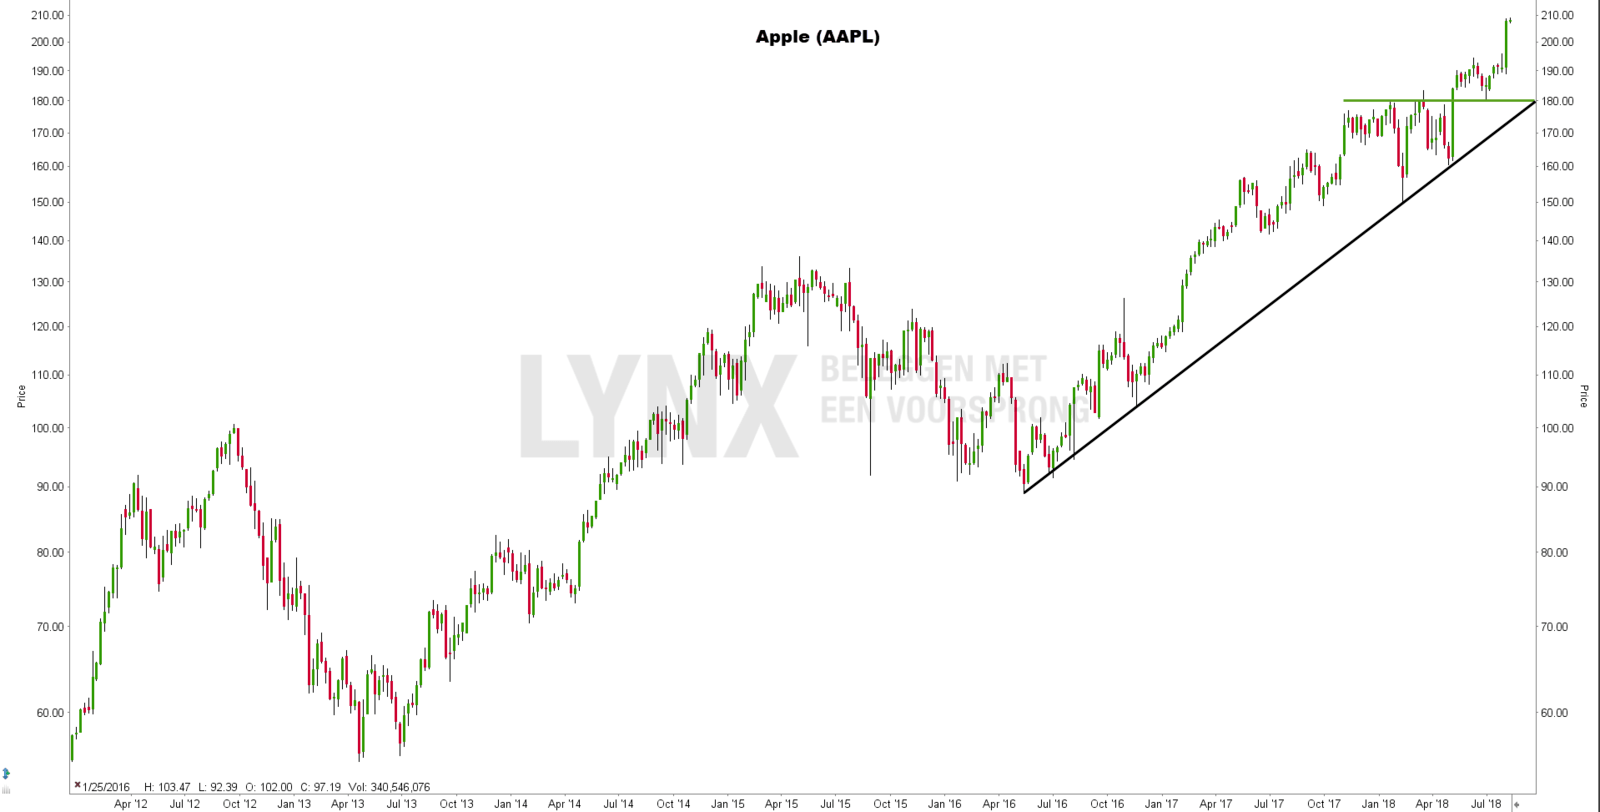 FANG aandeel Apple